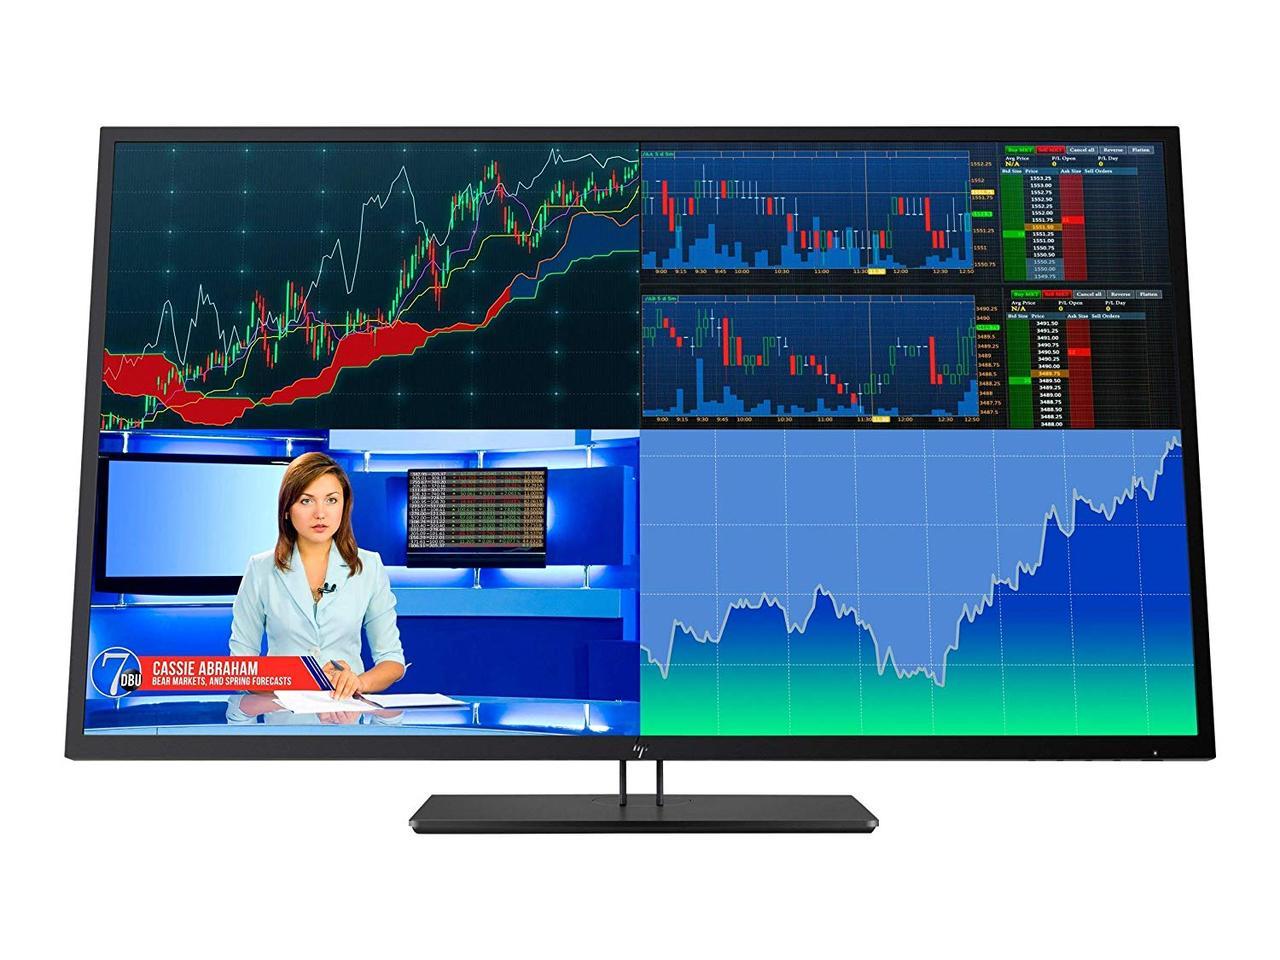 Монитор HP Z43 4k UHD Display (1AA85A4)